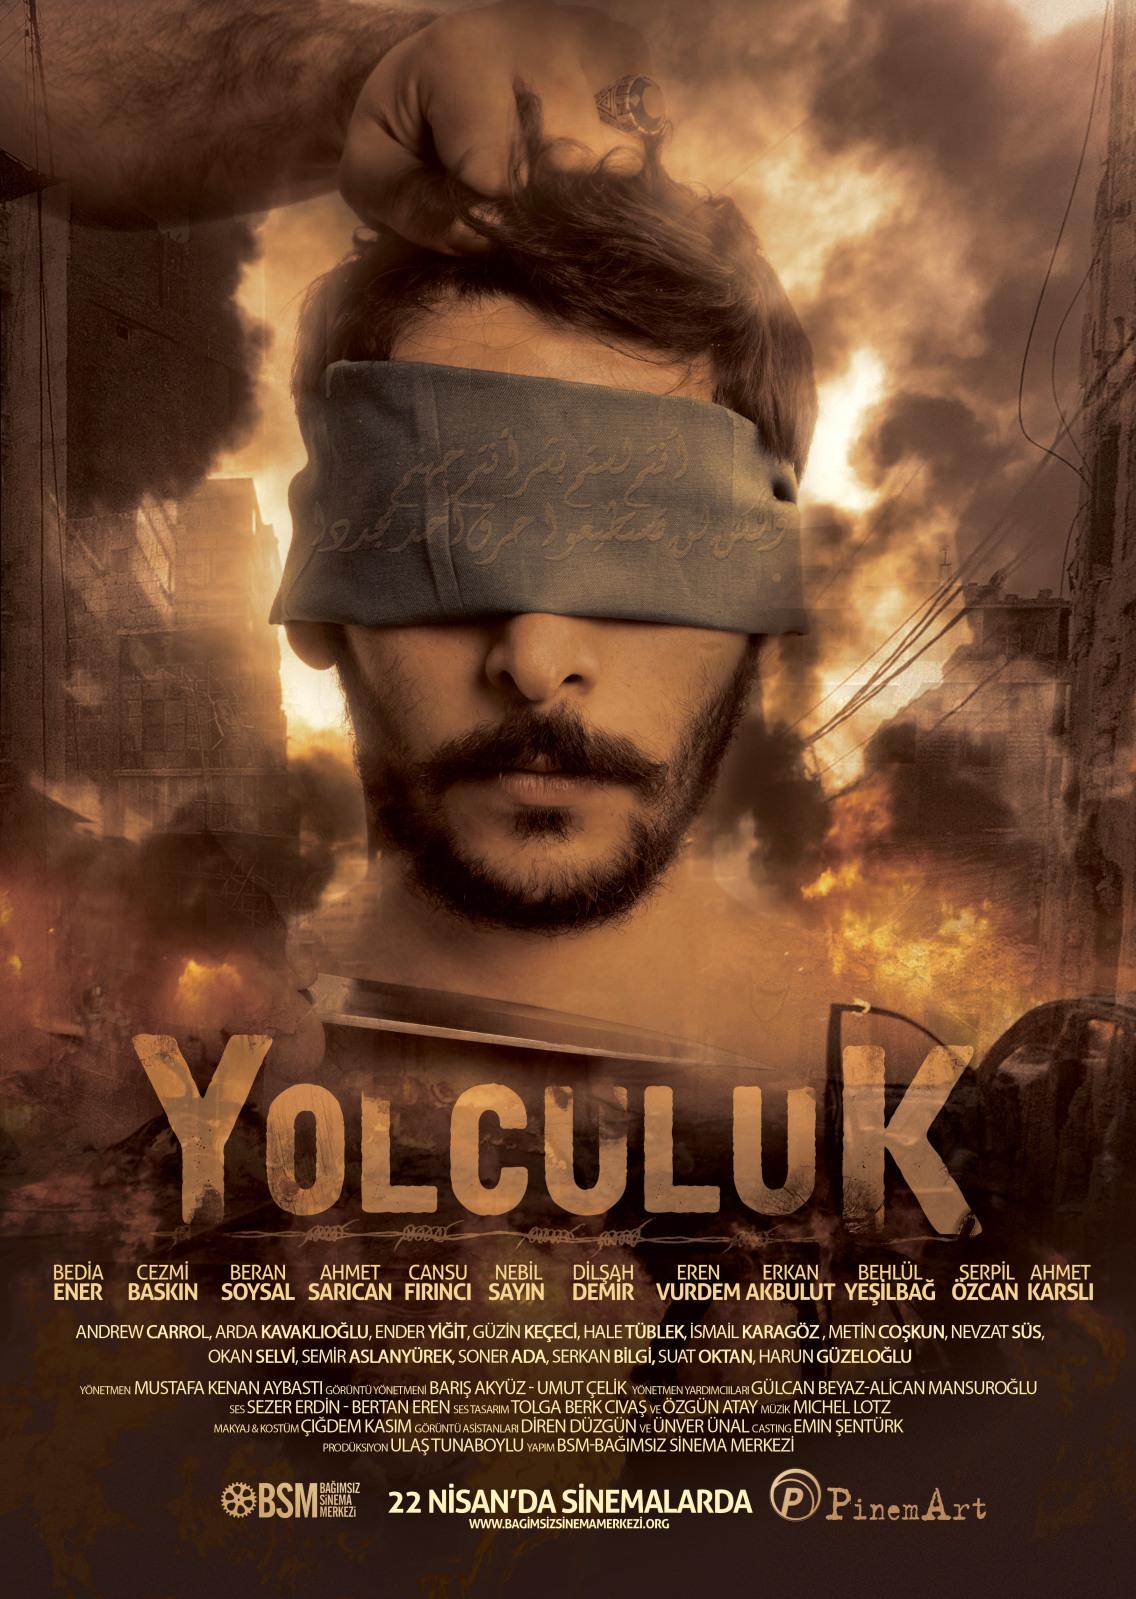 Aşka Yolculuk Izle Seven The Cinema